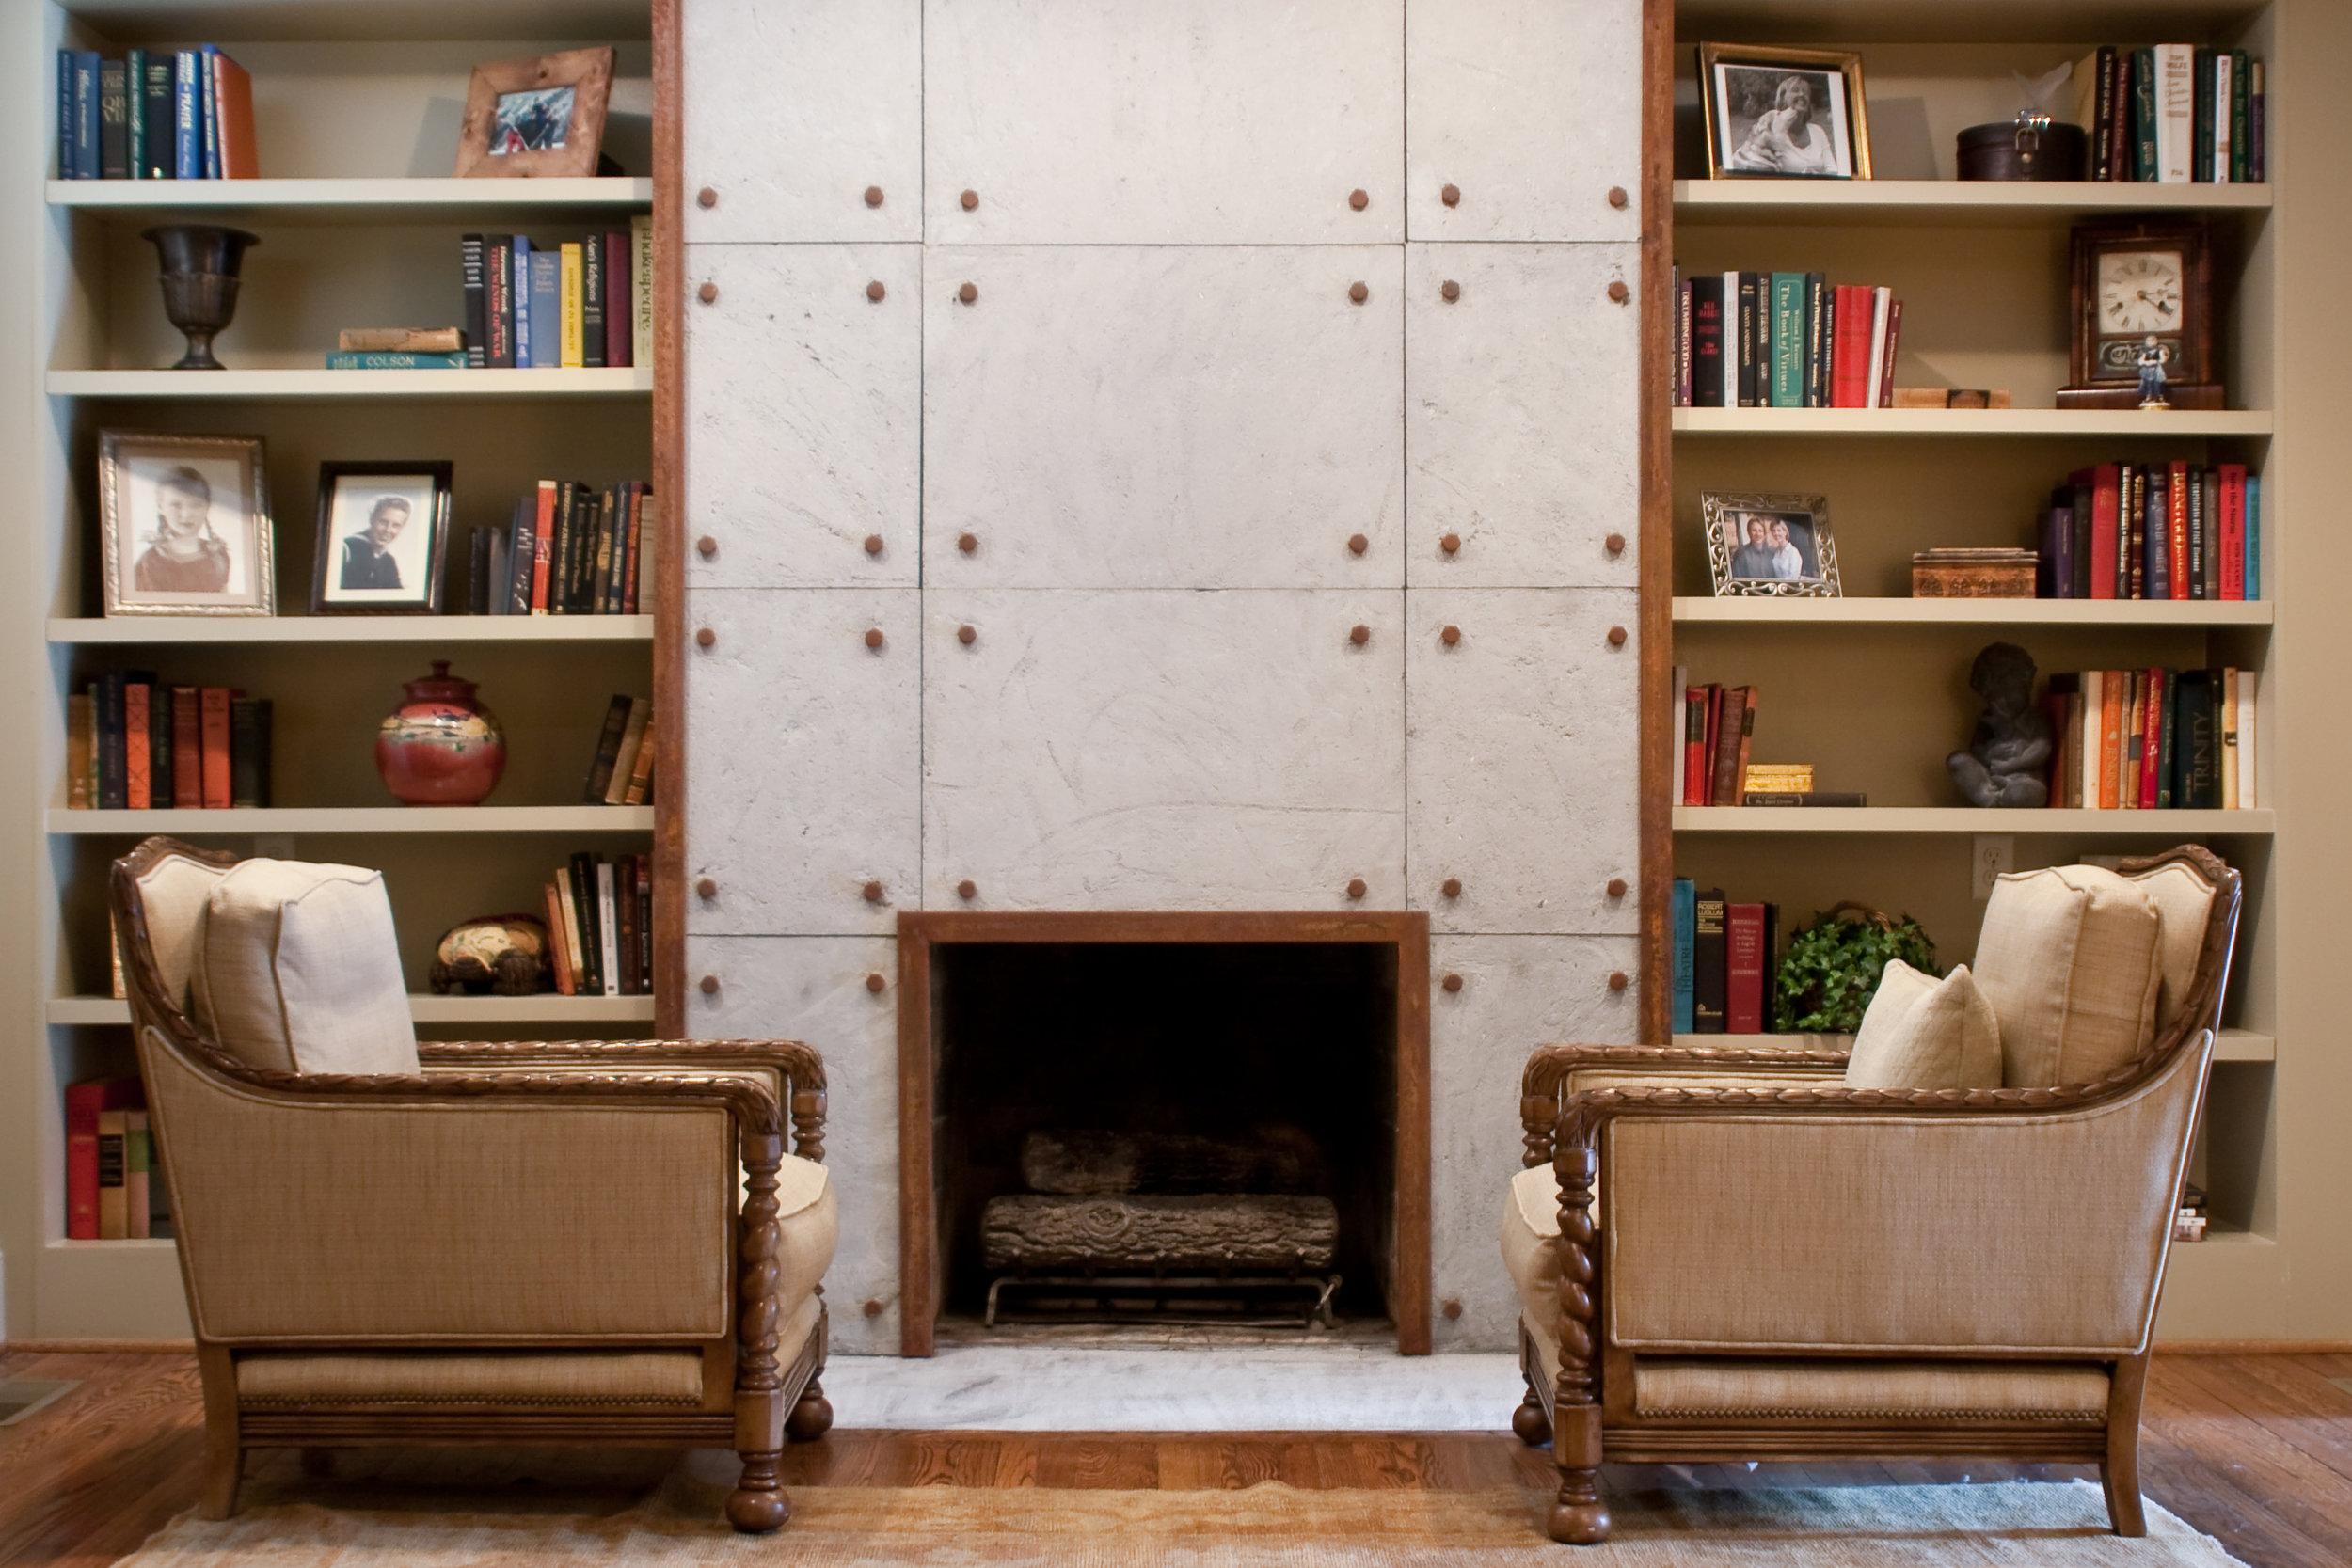 Living room details #architecture #interiors #design